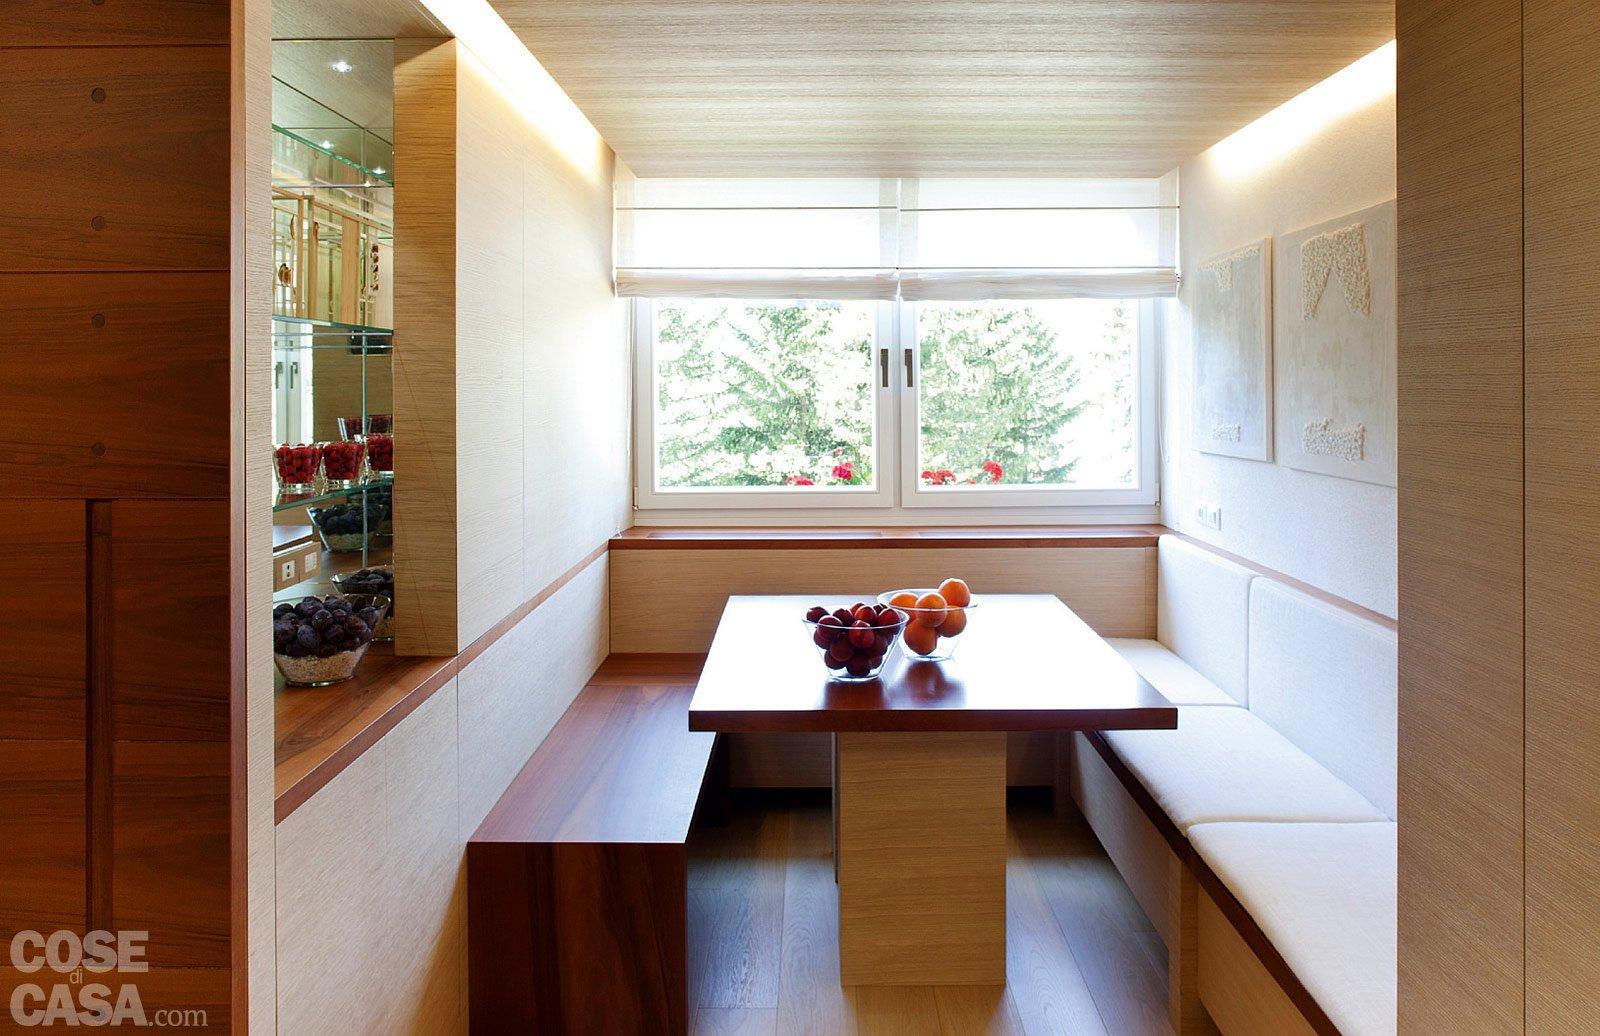 57 mq una casa con stanze trasformabili cose di casa for Disegni da parete